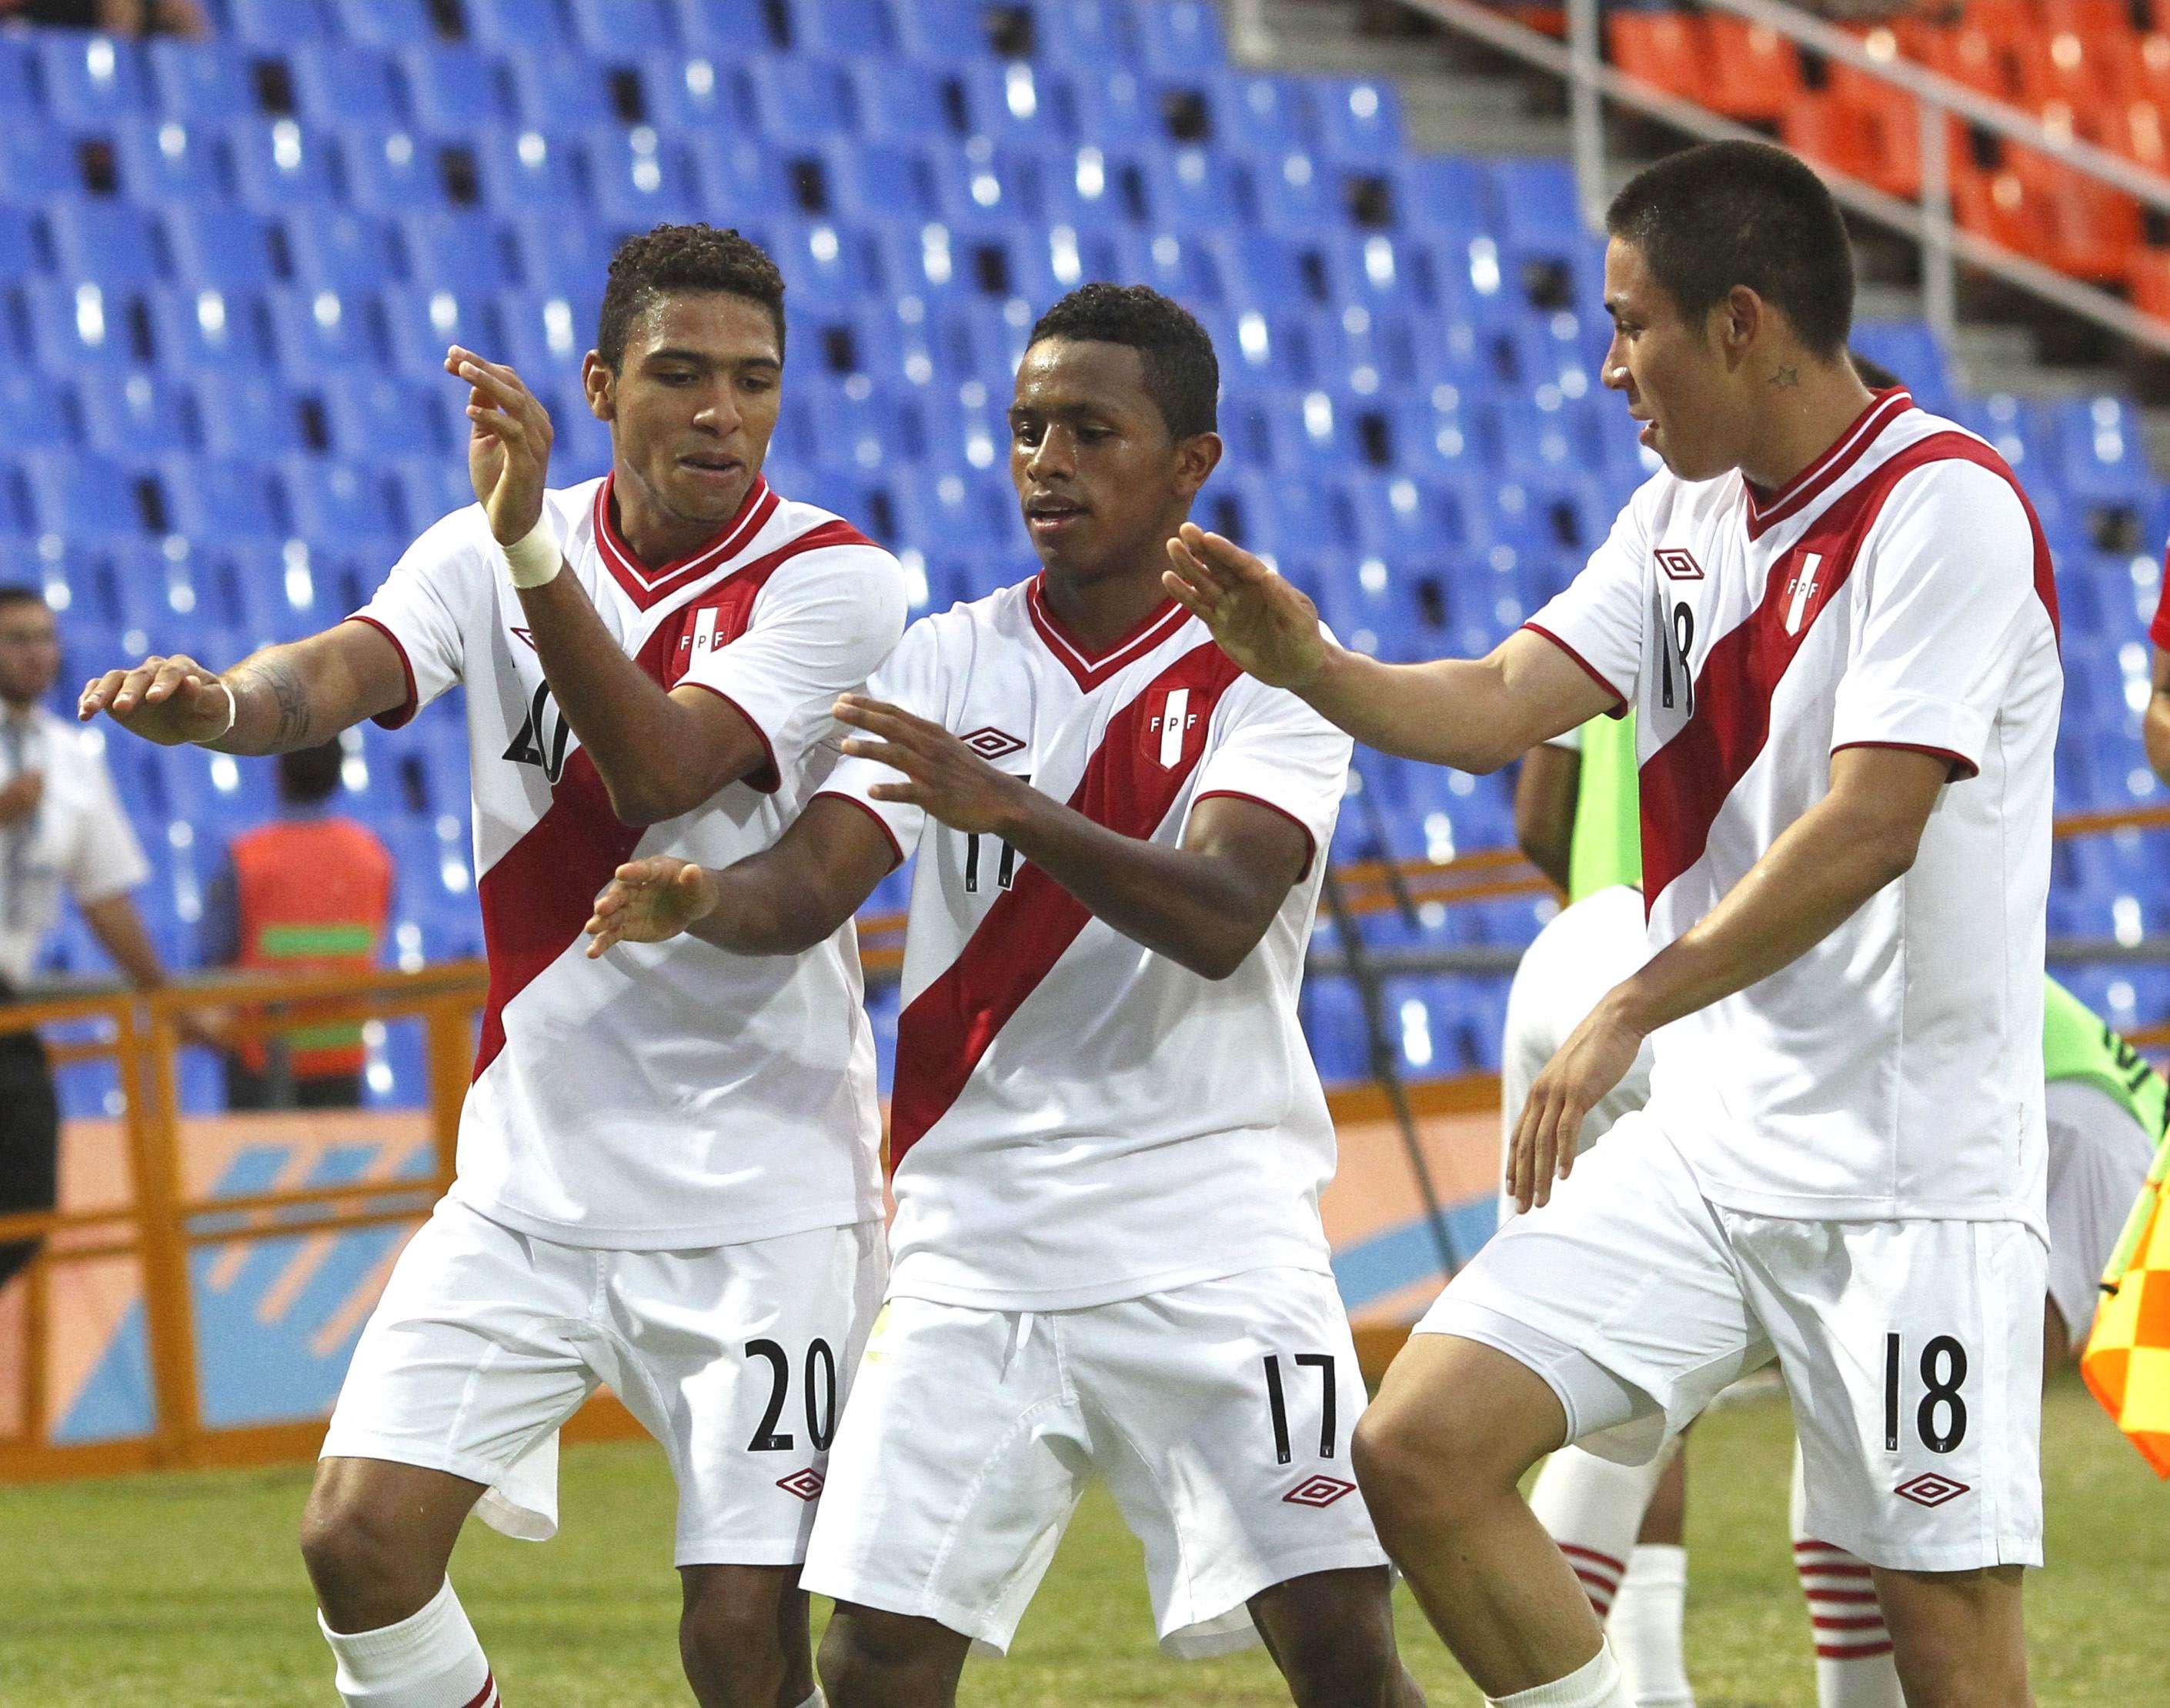 Peruanos Sub-20 recibirán más de US$5 mil si vencen a Chile